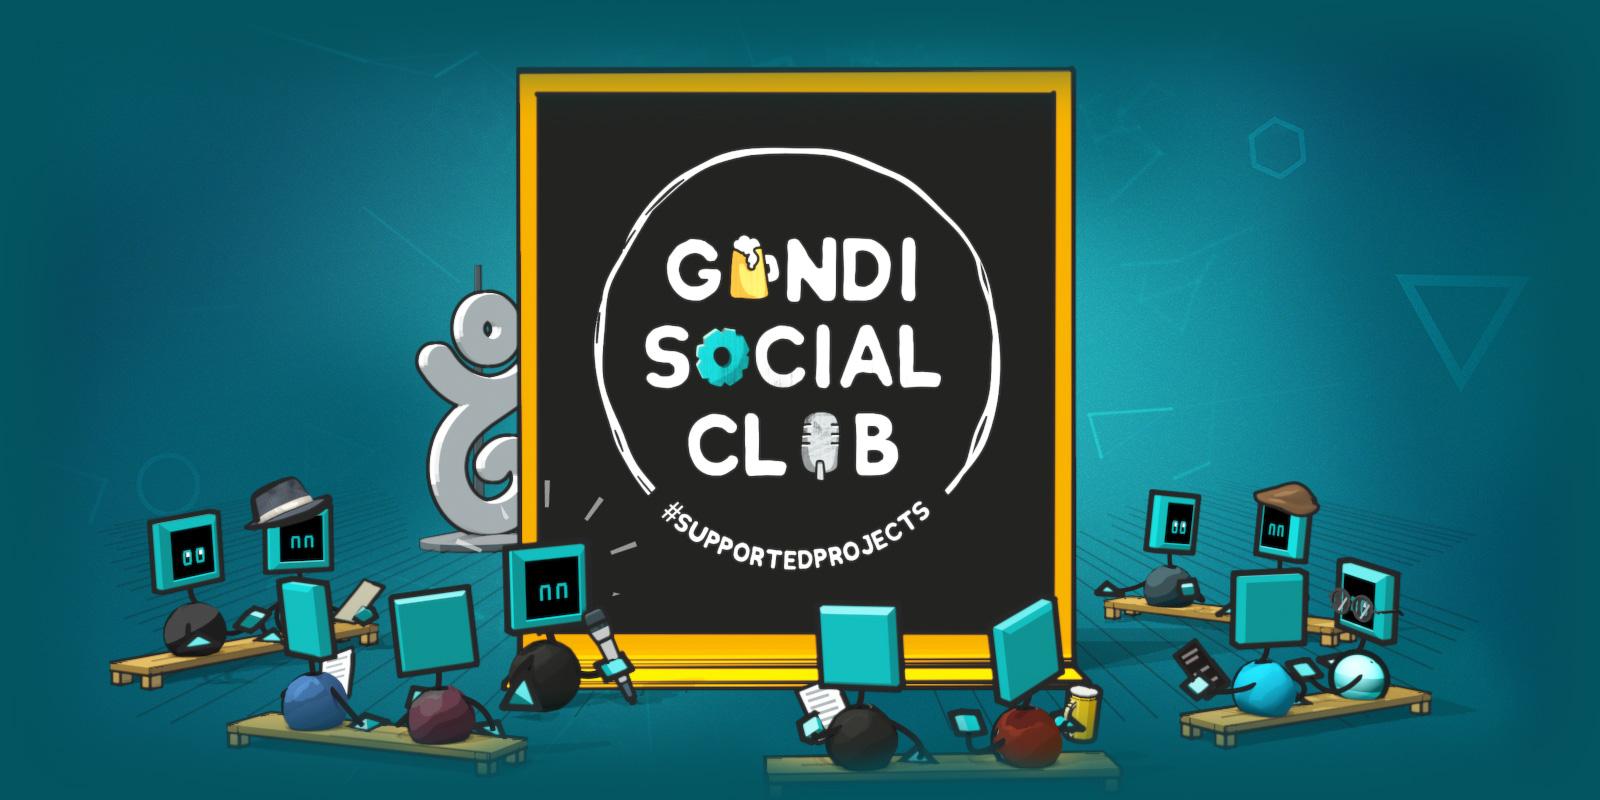 Gandi Social Club, un evento que hace bien!